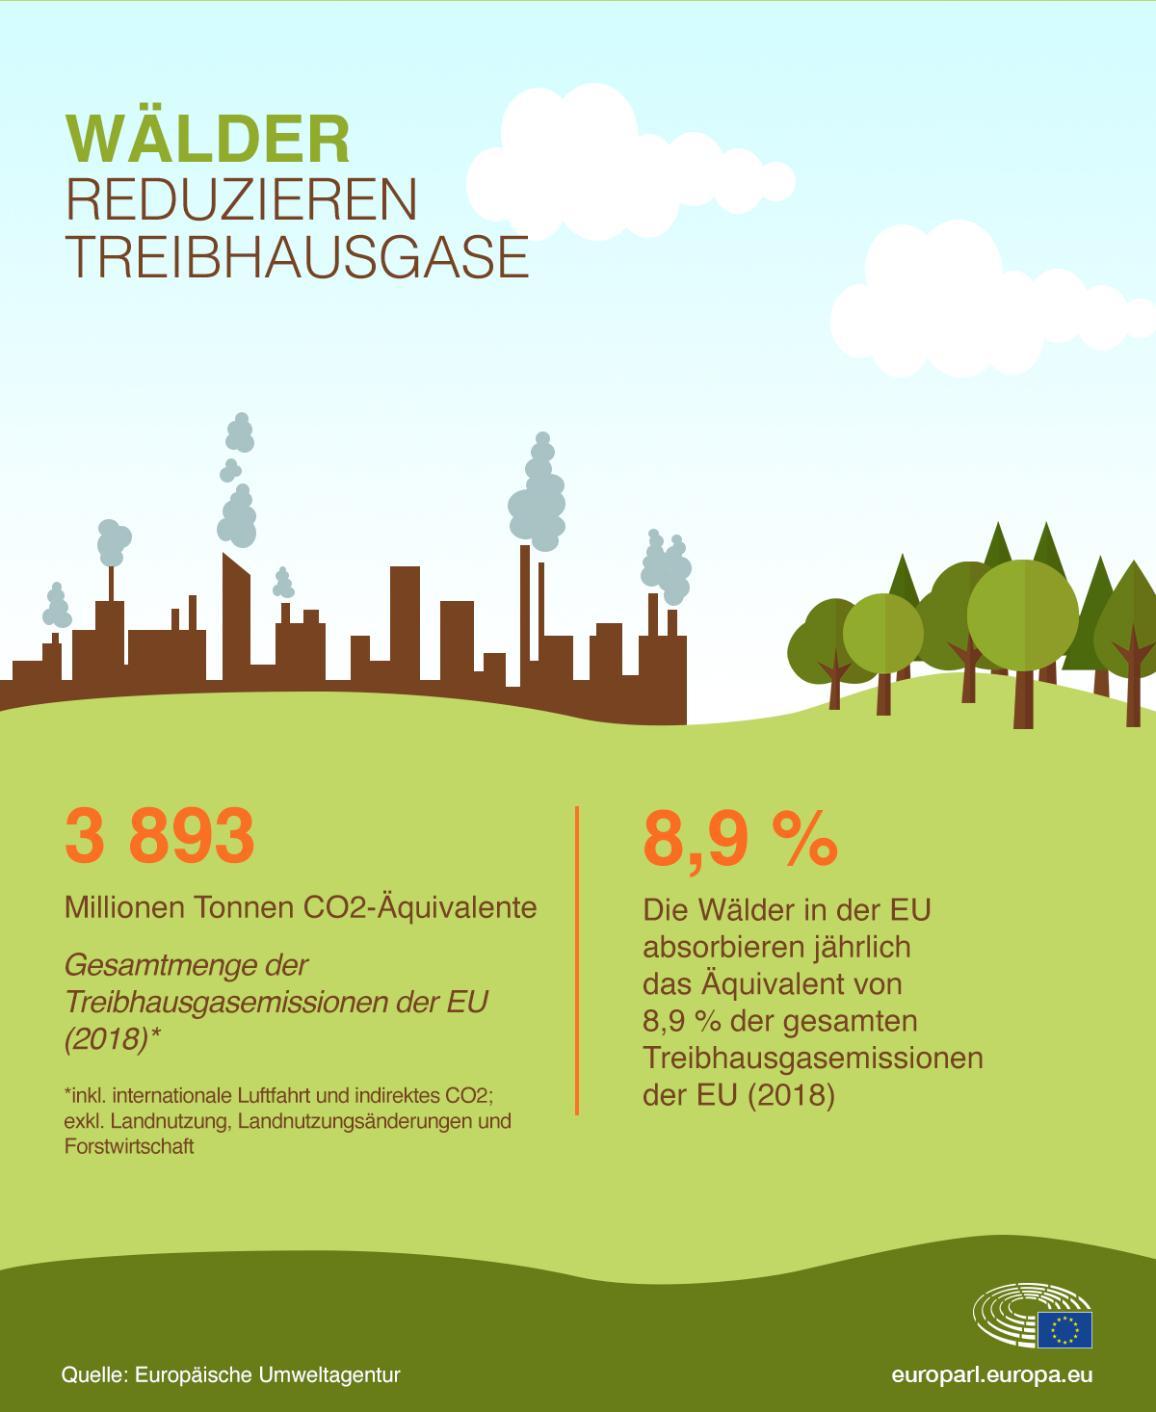 Die Infografik zeigt wie Wälder zur Verringerung der Treibhausgase beitragen